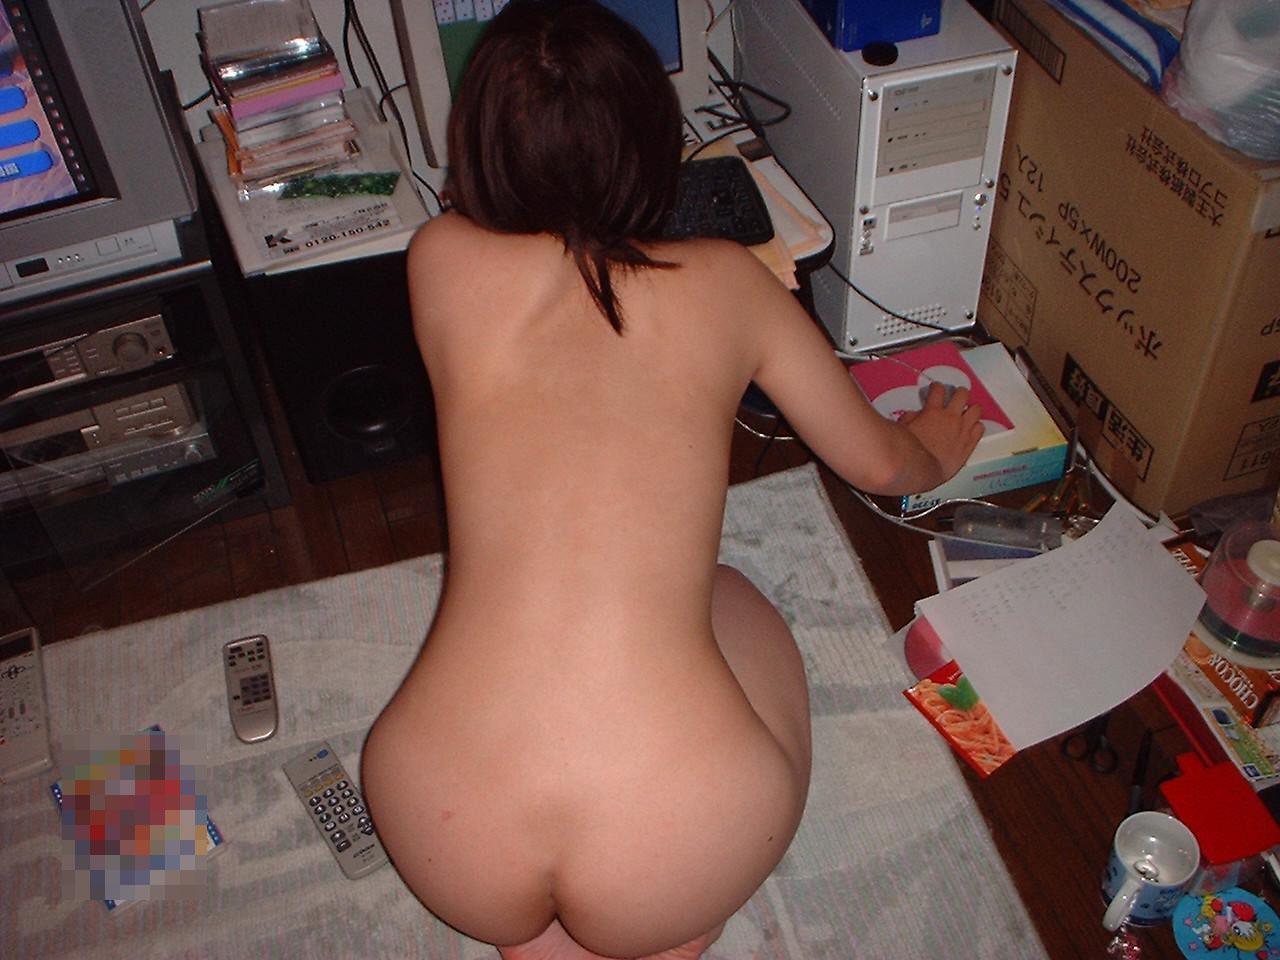 【家庭内エロ画像】このまま自慰に直結の予感wPC前で裸待機する女子の日常www 14